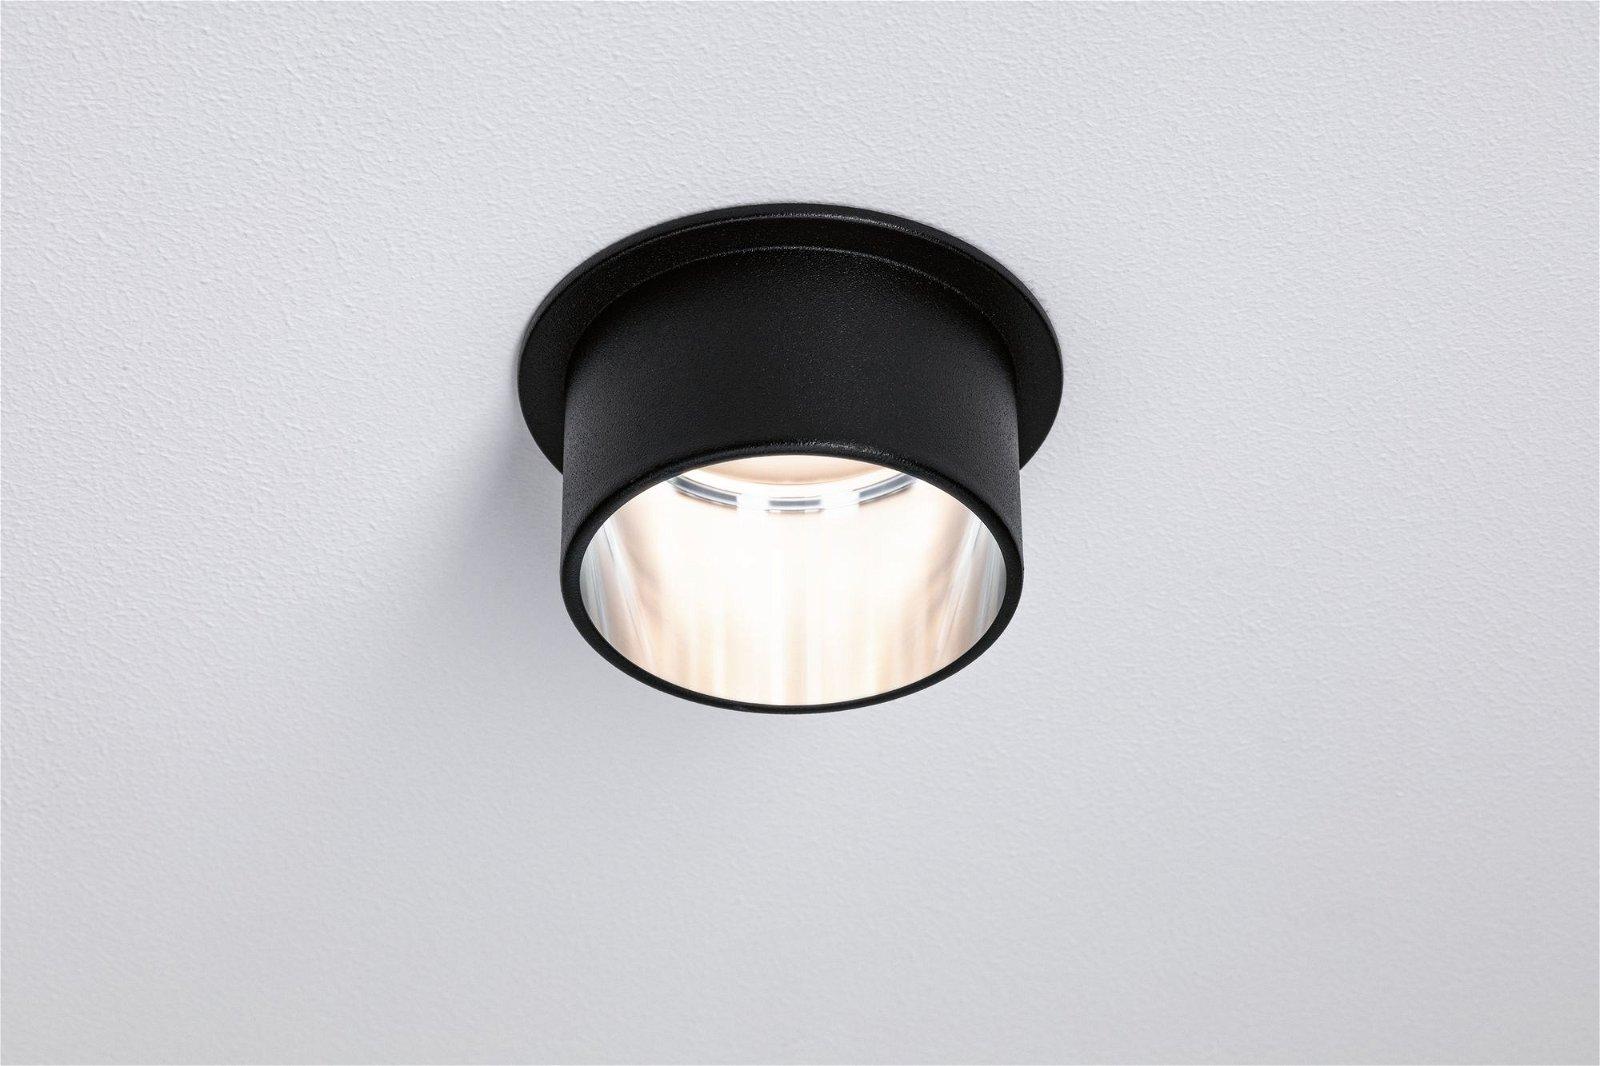 LED Einbauleuchte 3-Step-Dim Gil Coin Basisset IP44 rund 68mm Coin 3x6W 3x470lm 230V 2700K Schwarz matt/Eisen gebürstet